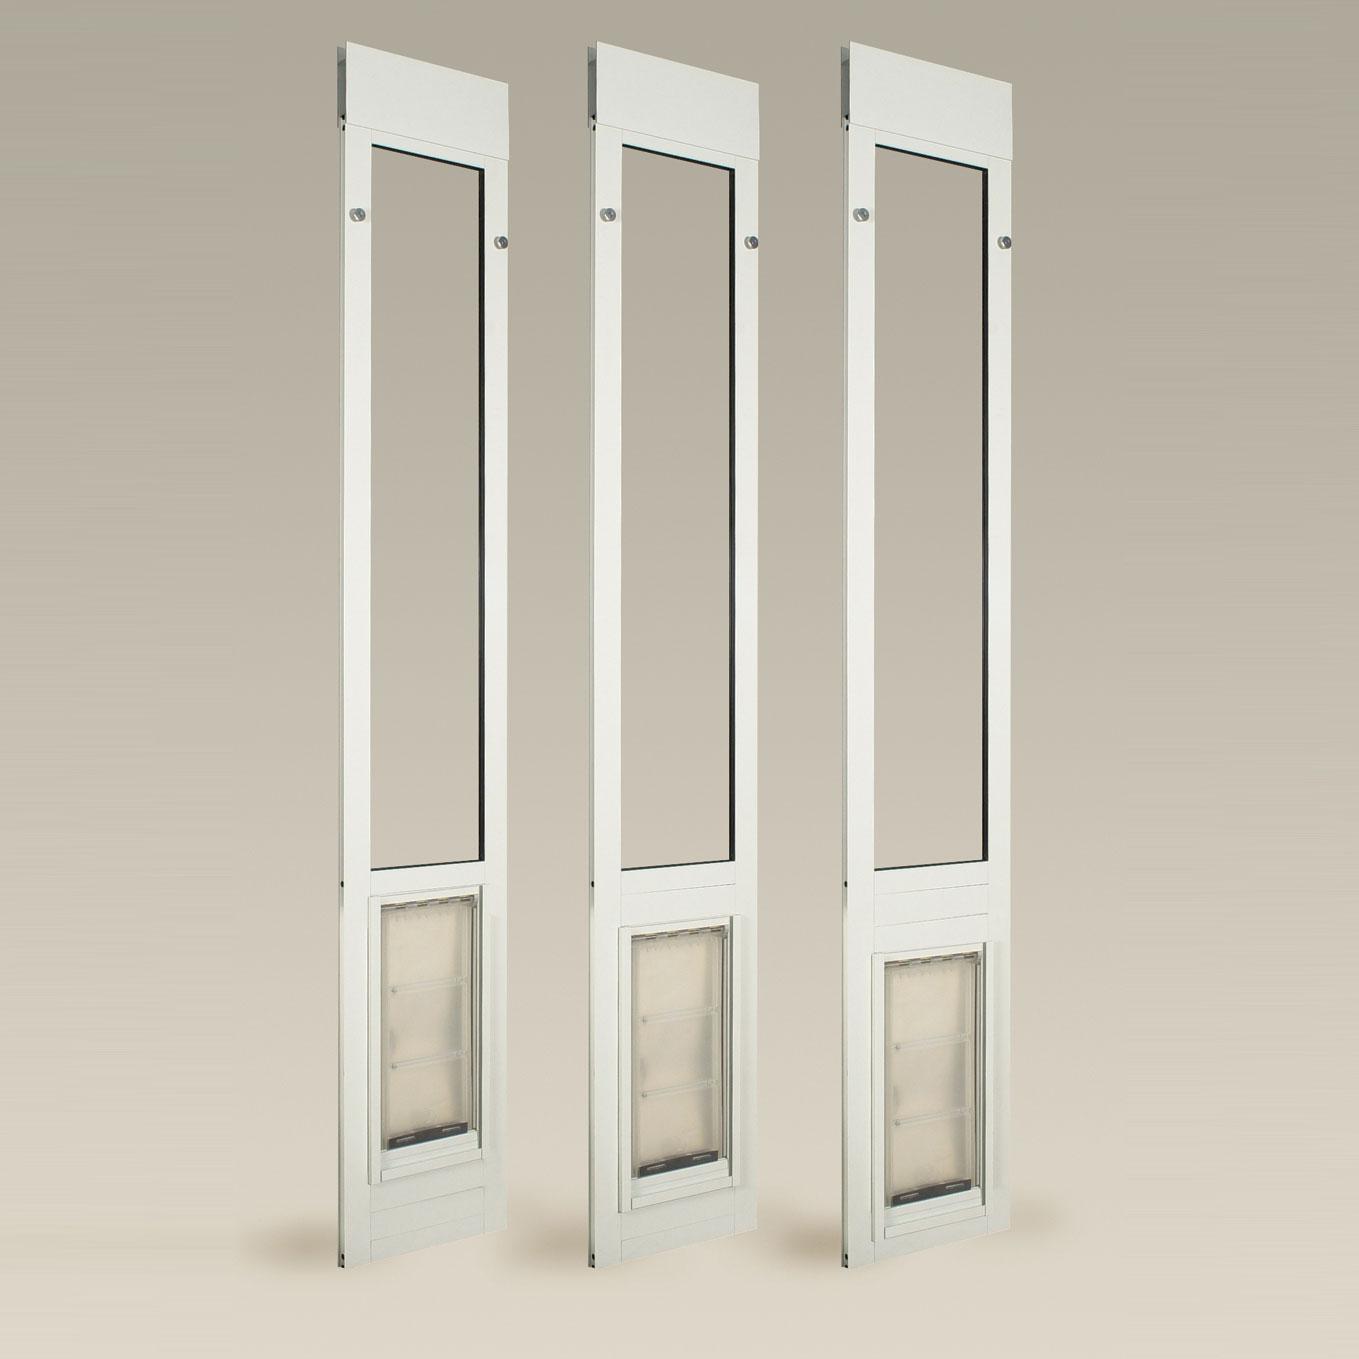 Patio door glass inserts endura flap thermo panel iiie for Door window inserts